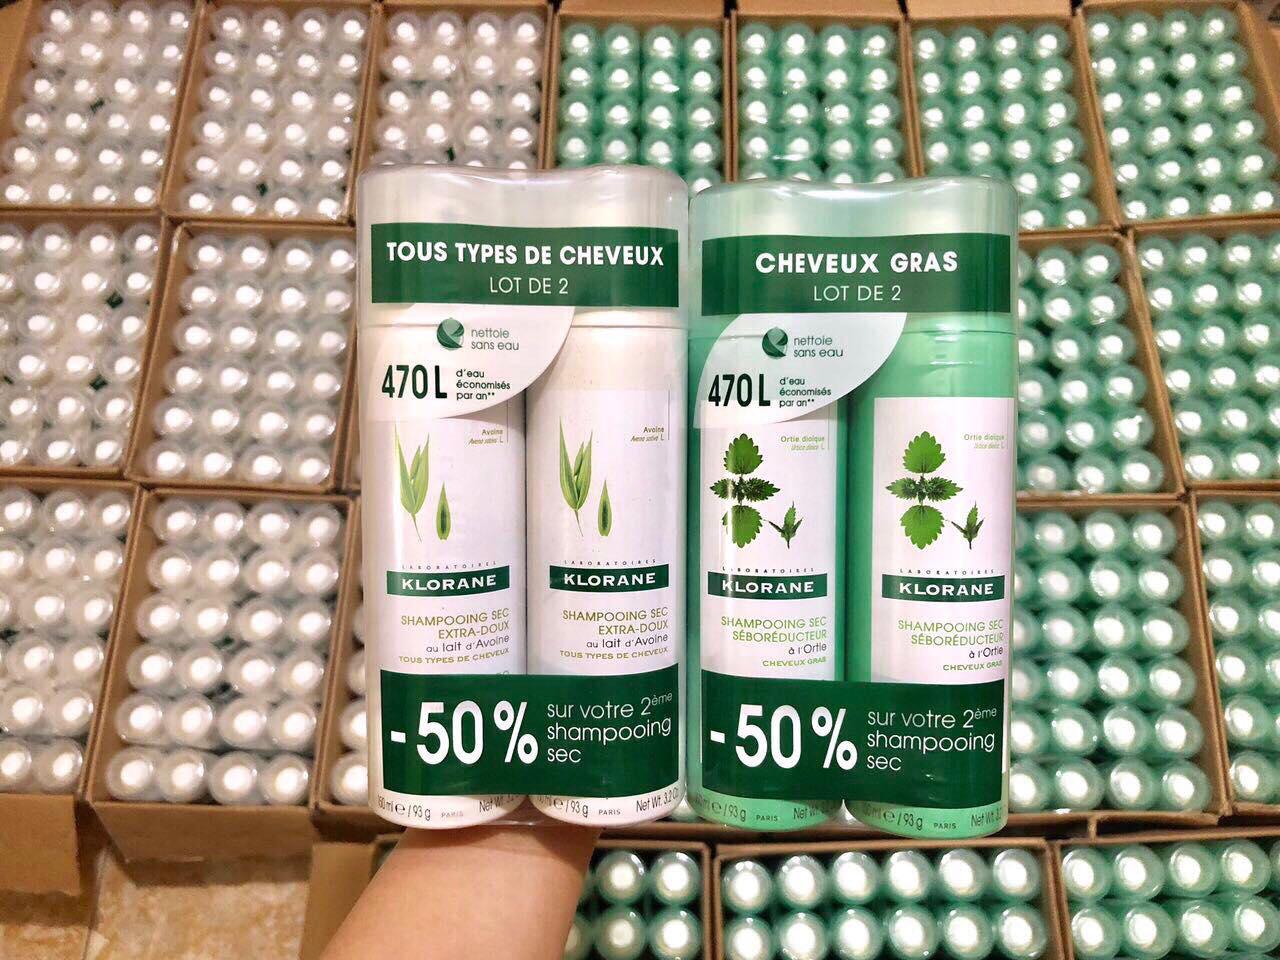 Dầu gội khô Klorane tiện dụng cho mái tóc 1